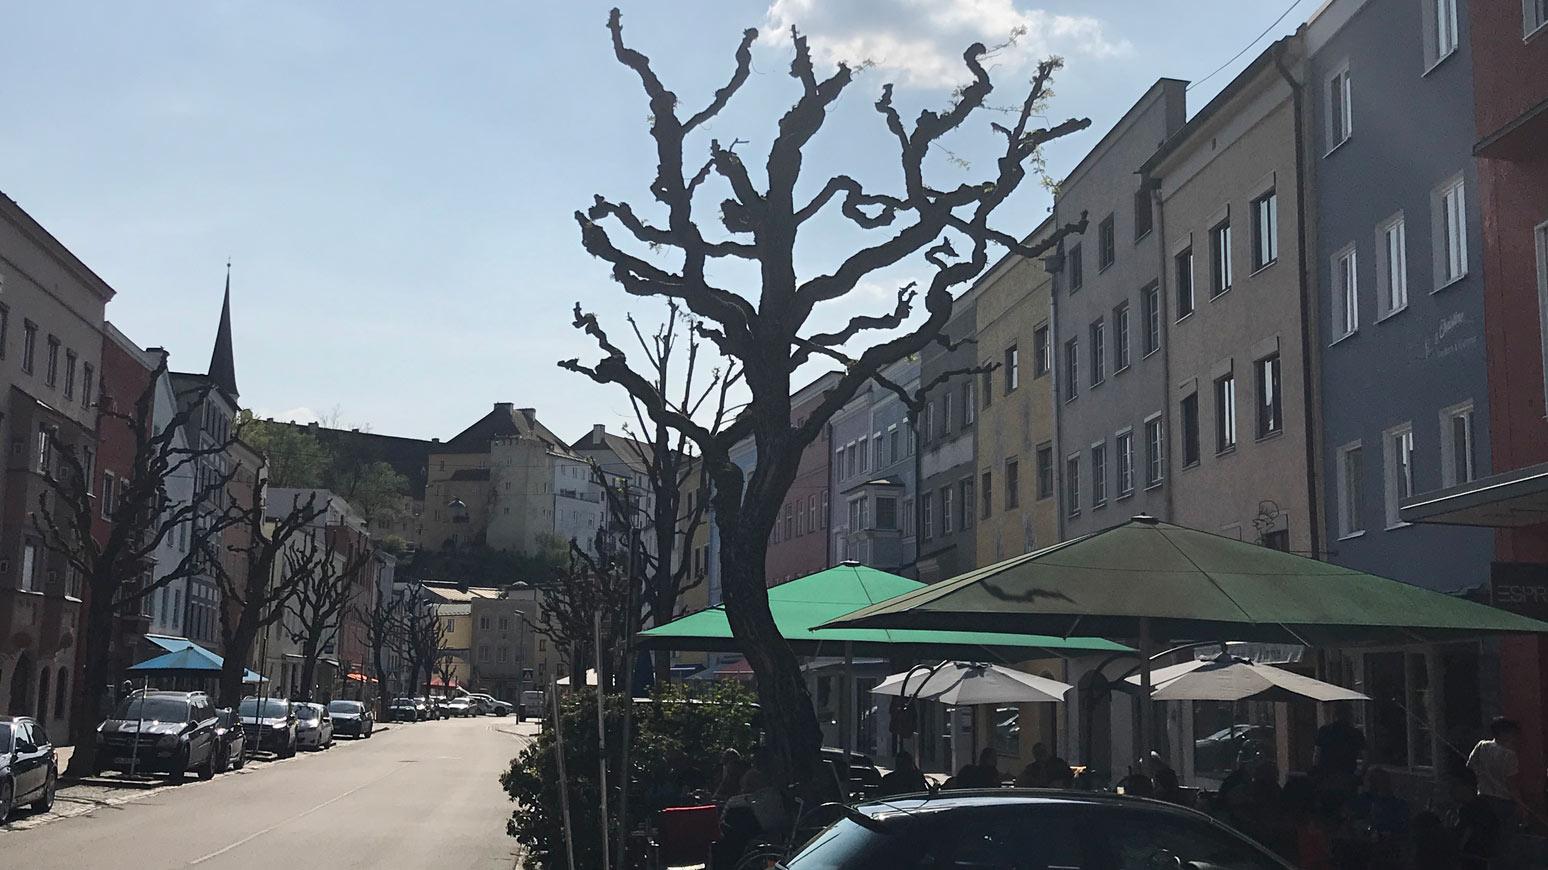 Innenstadt von Waserburg